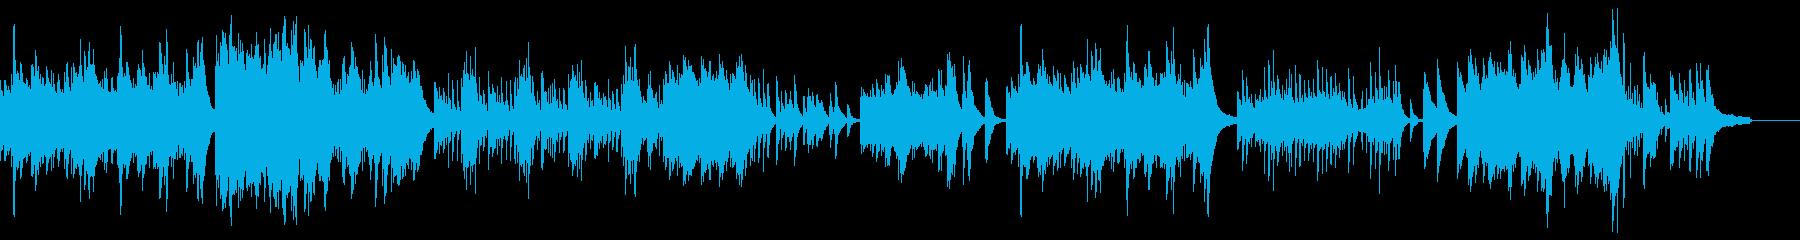 叙情的なピアノソロ楽曲の再生済みの波形